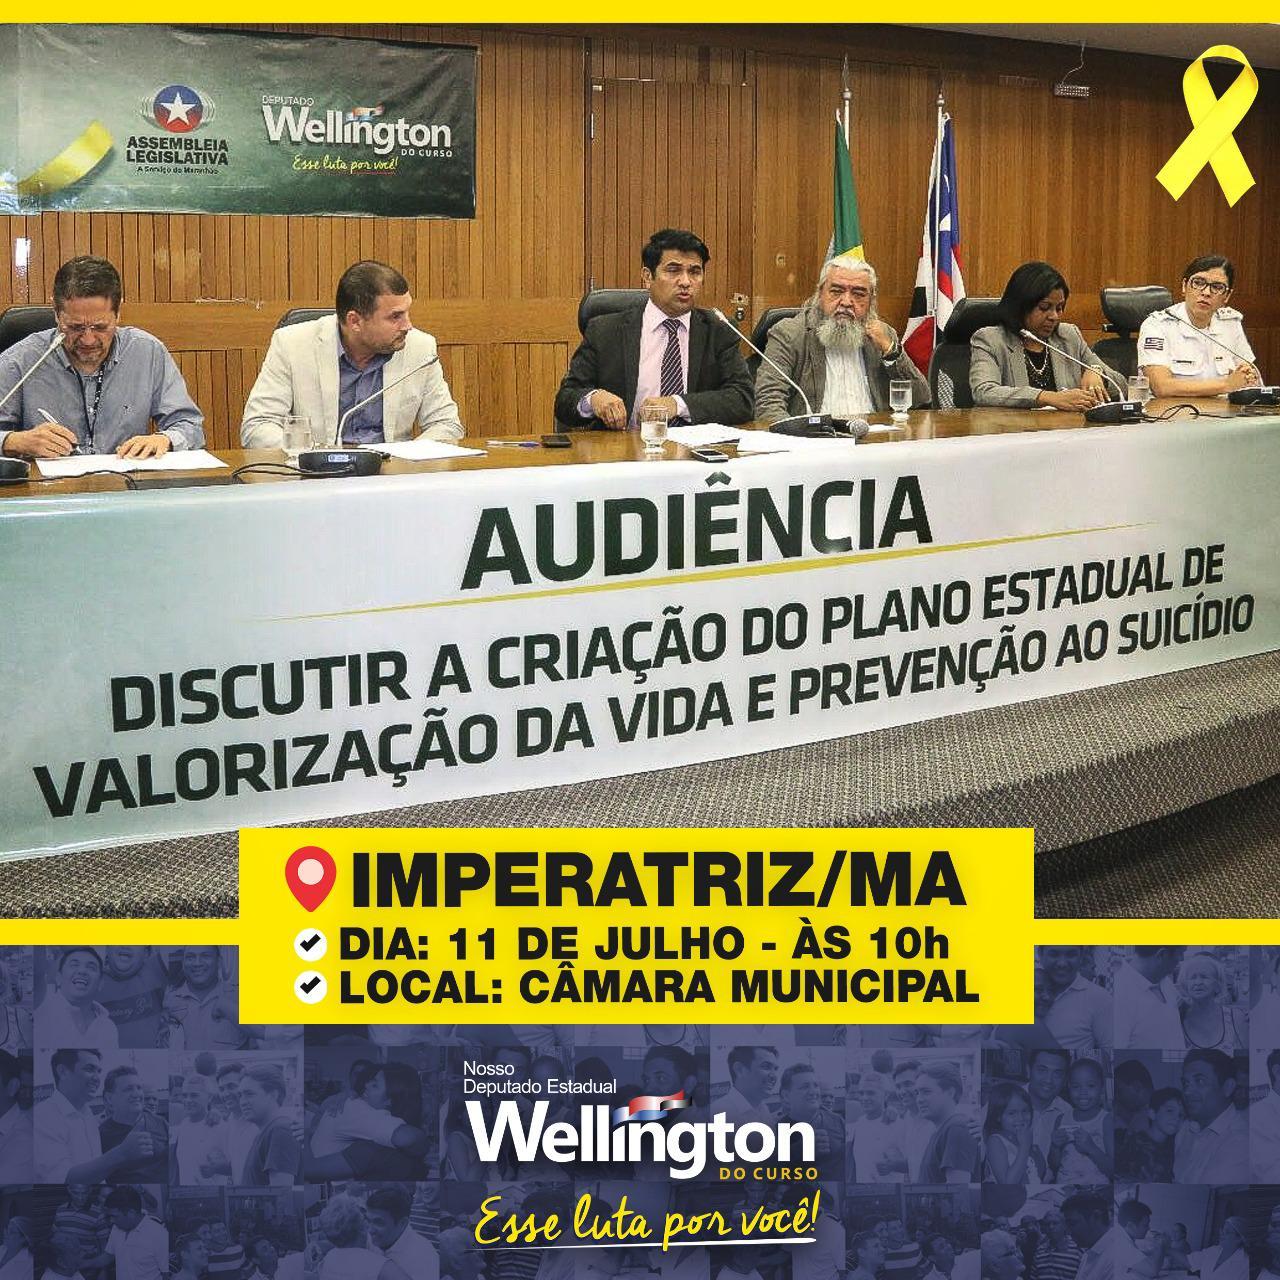 Wellington discute a criação do Plano de Estadual de Valorização da Vida em Imperatriz